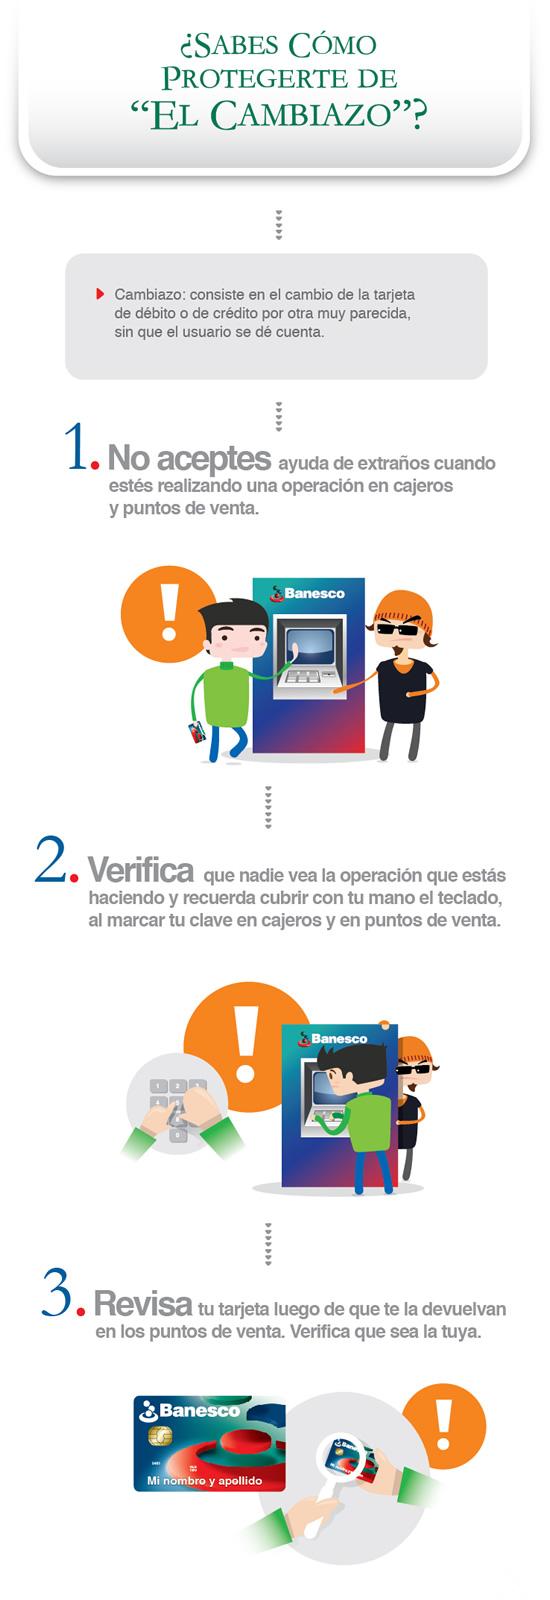 Protege tu tarjeta del cambiazo en cajeros automáticos